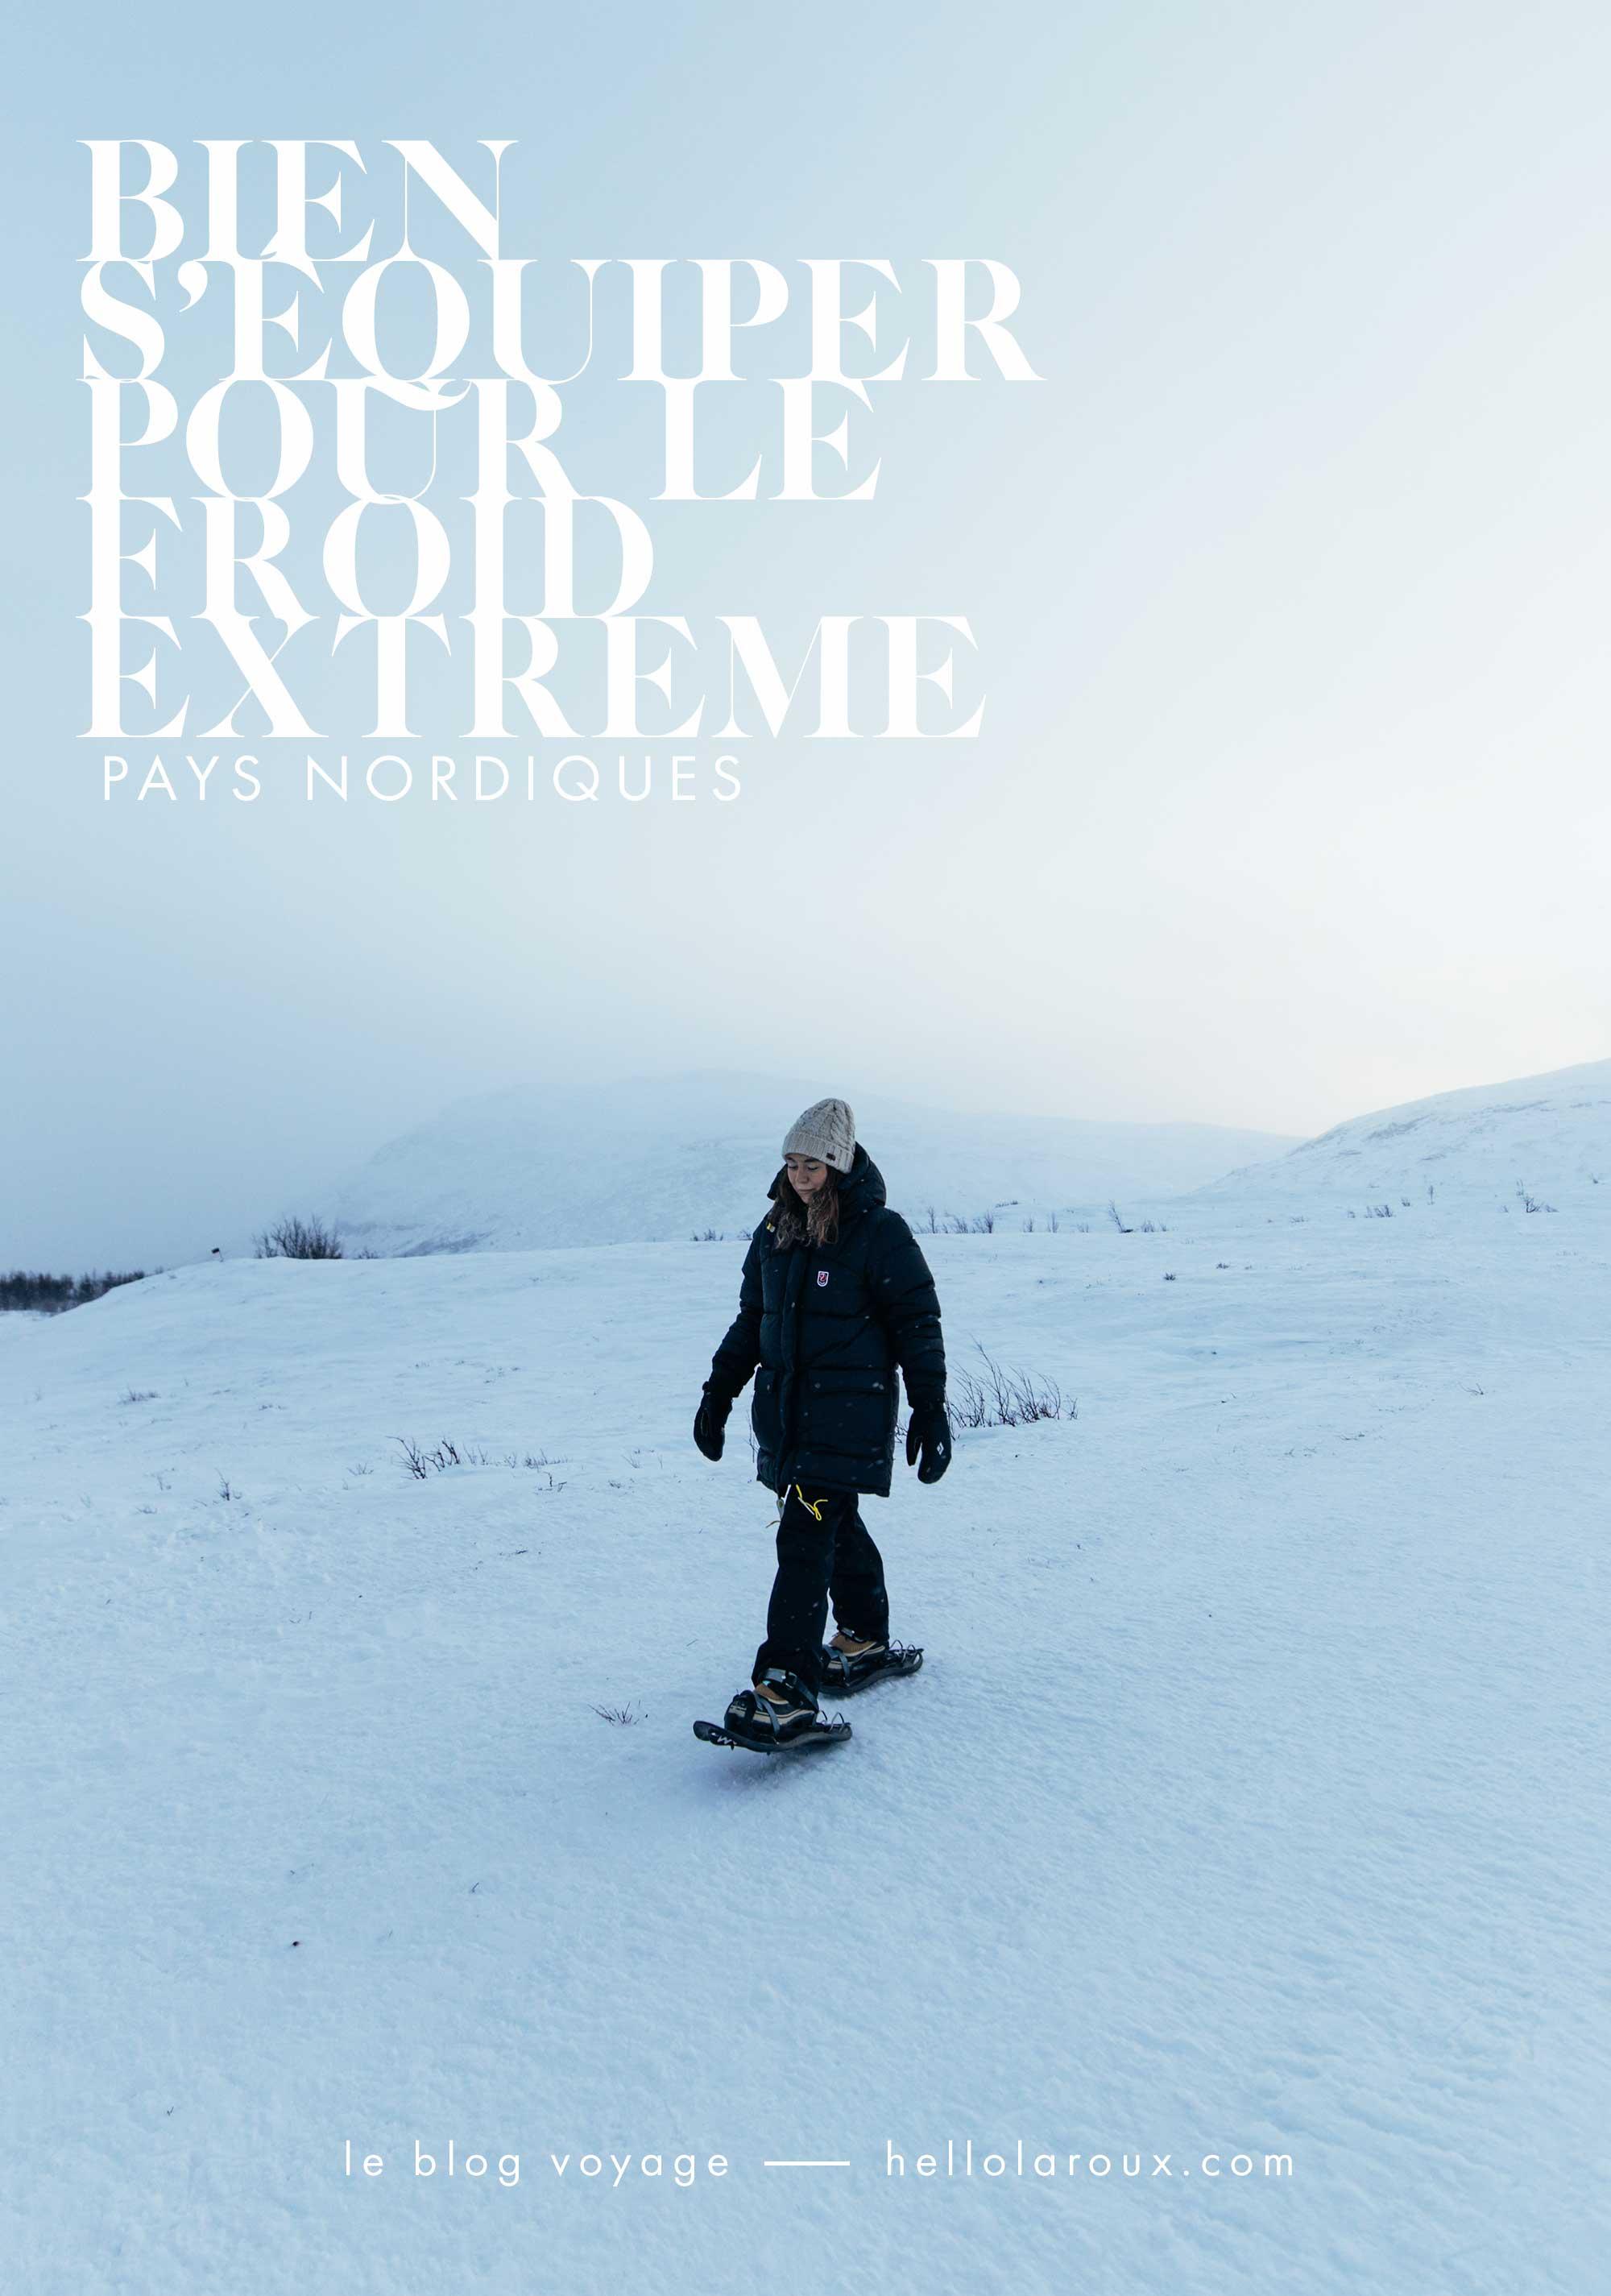 Comment s'habiller pour un voyage en Laponie ? Quel est l'équipement grand froid approprié ?